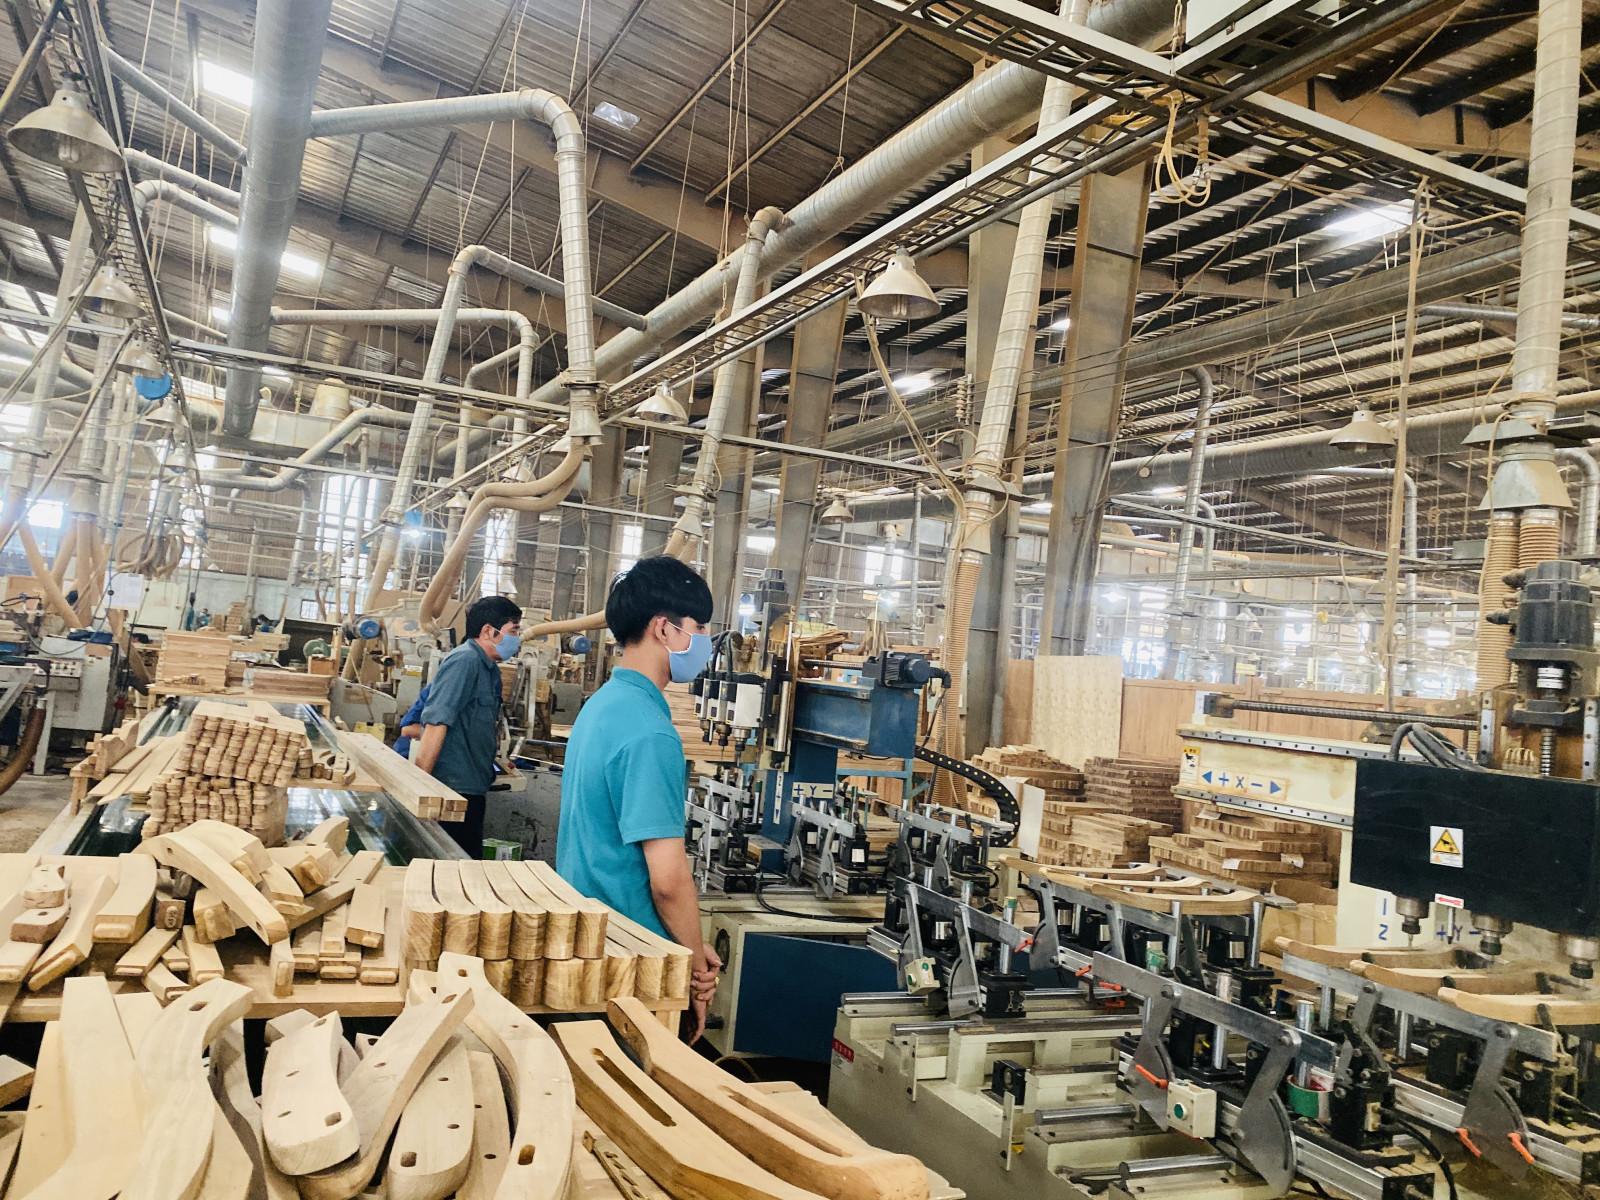 Sản xuất tại doanh nghiệp trong hiệp hội gỗ Bình Dương BIFA.